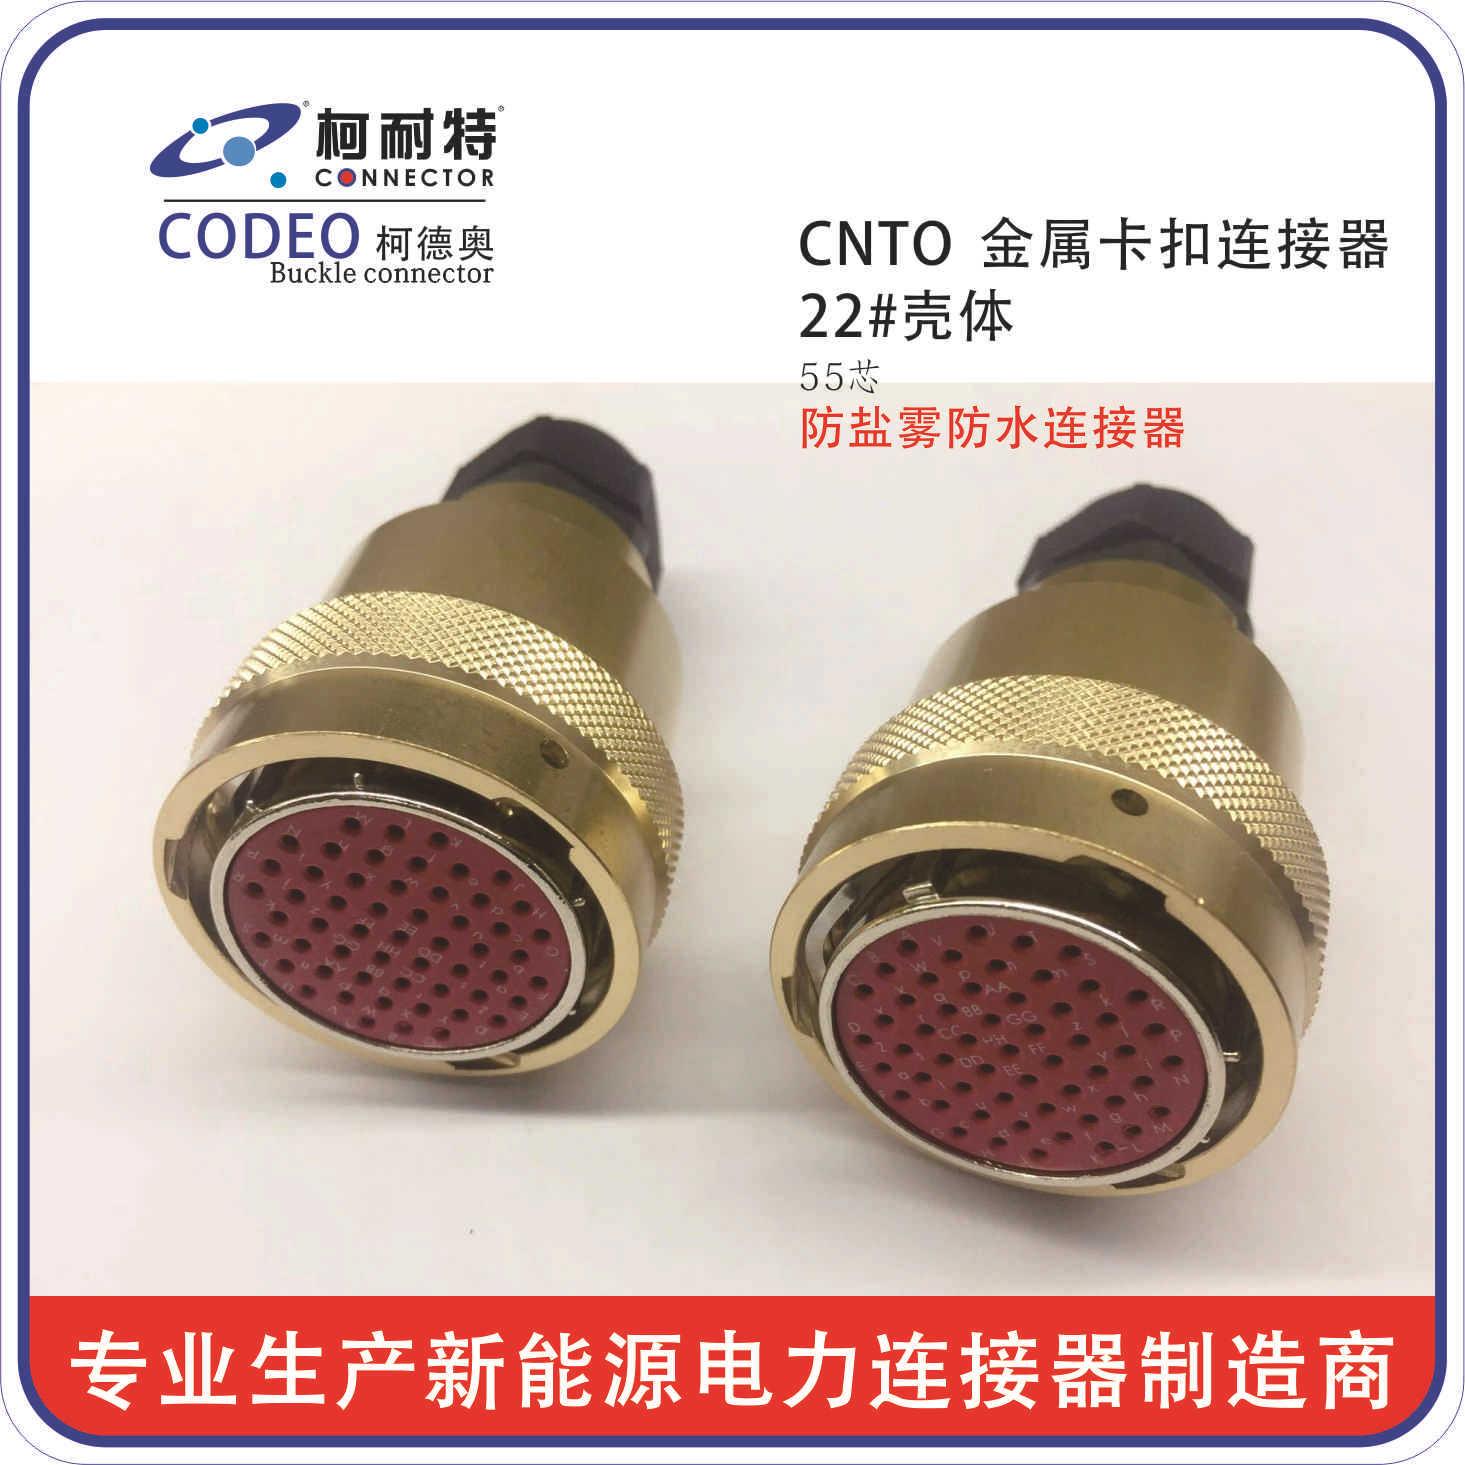 厂家供应4P互配l安费诺 RT360系列防水新能源汽车连接器 举报